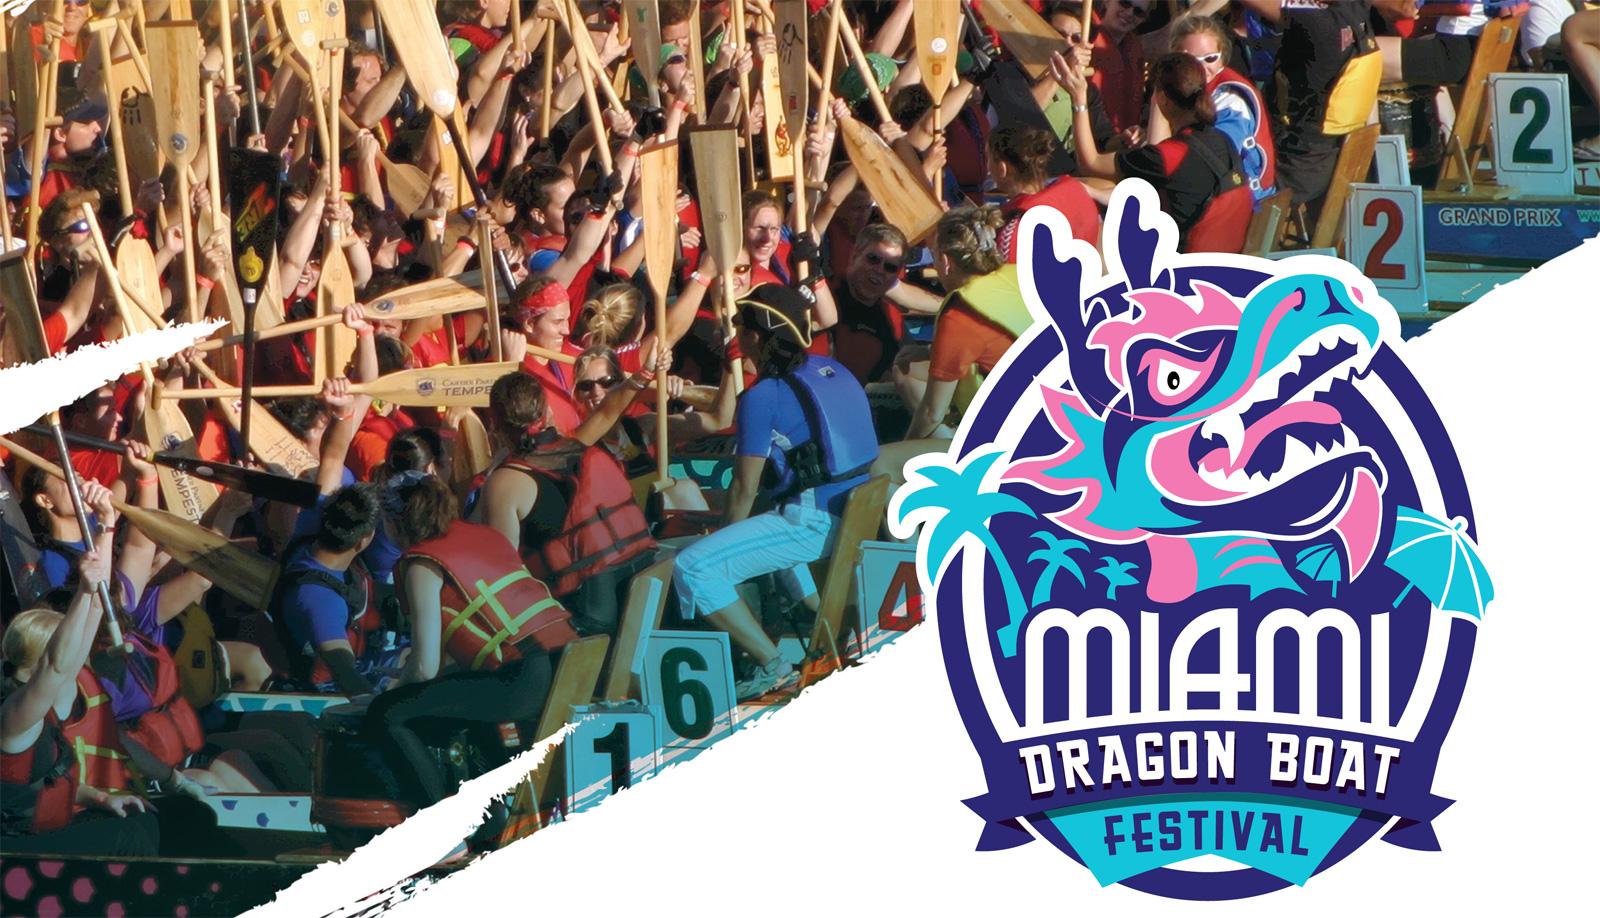 Team SOS Miami Dragon Boat Festival Miami Florida April 2020